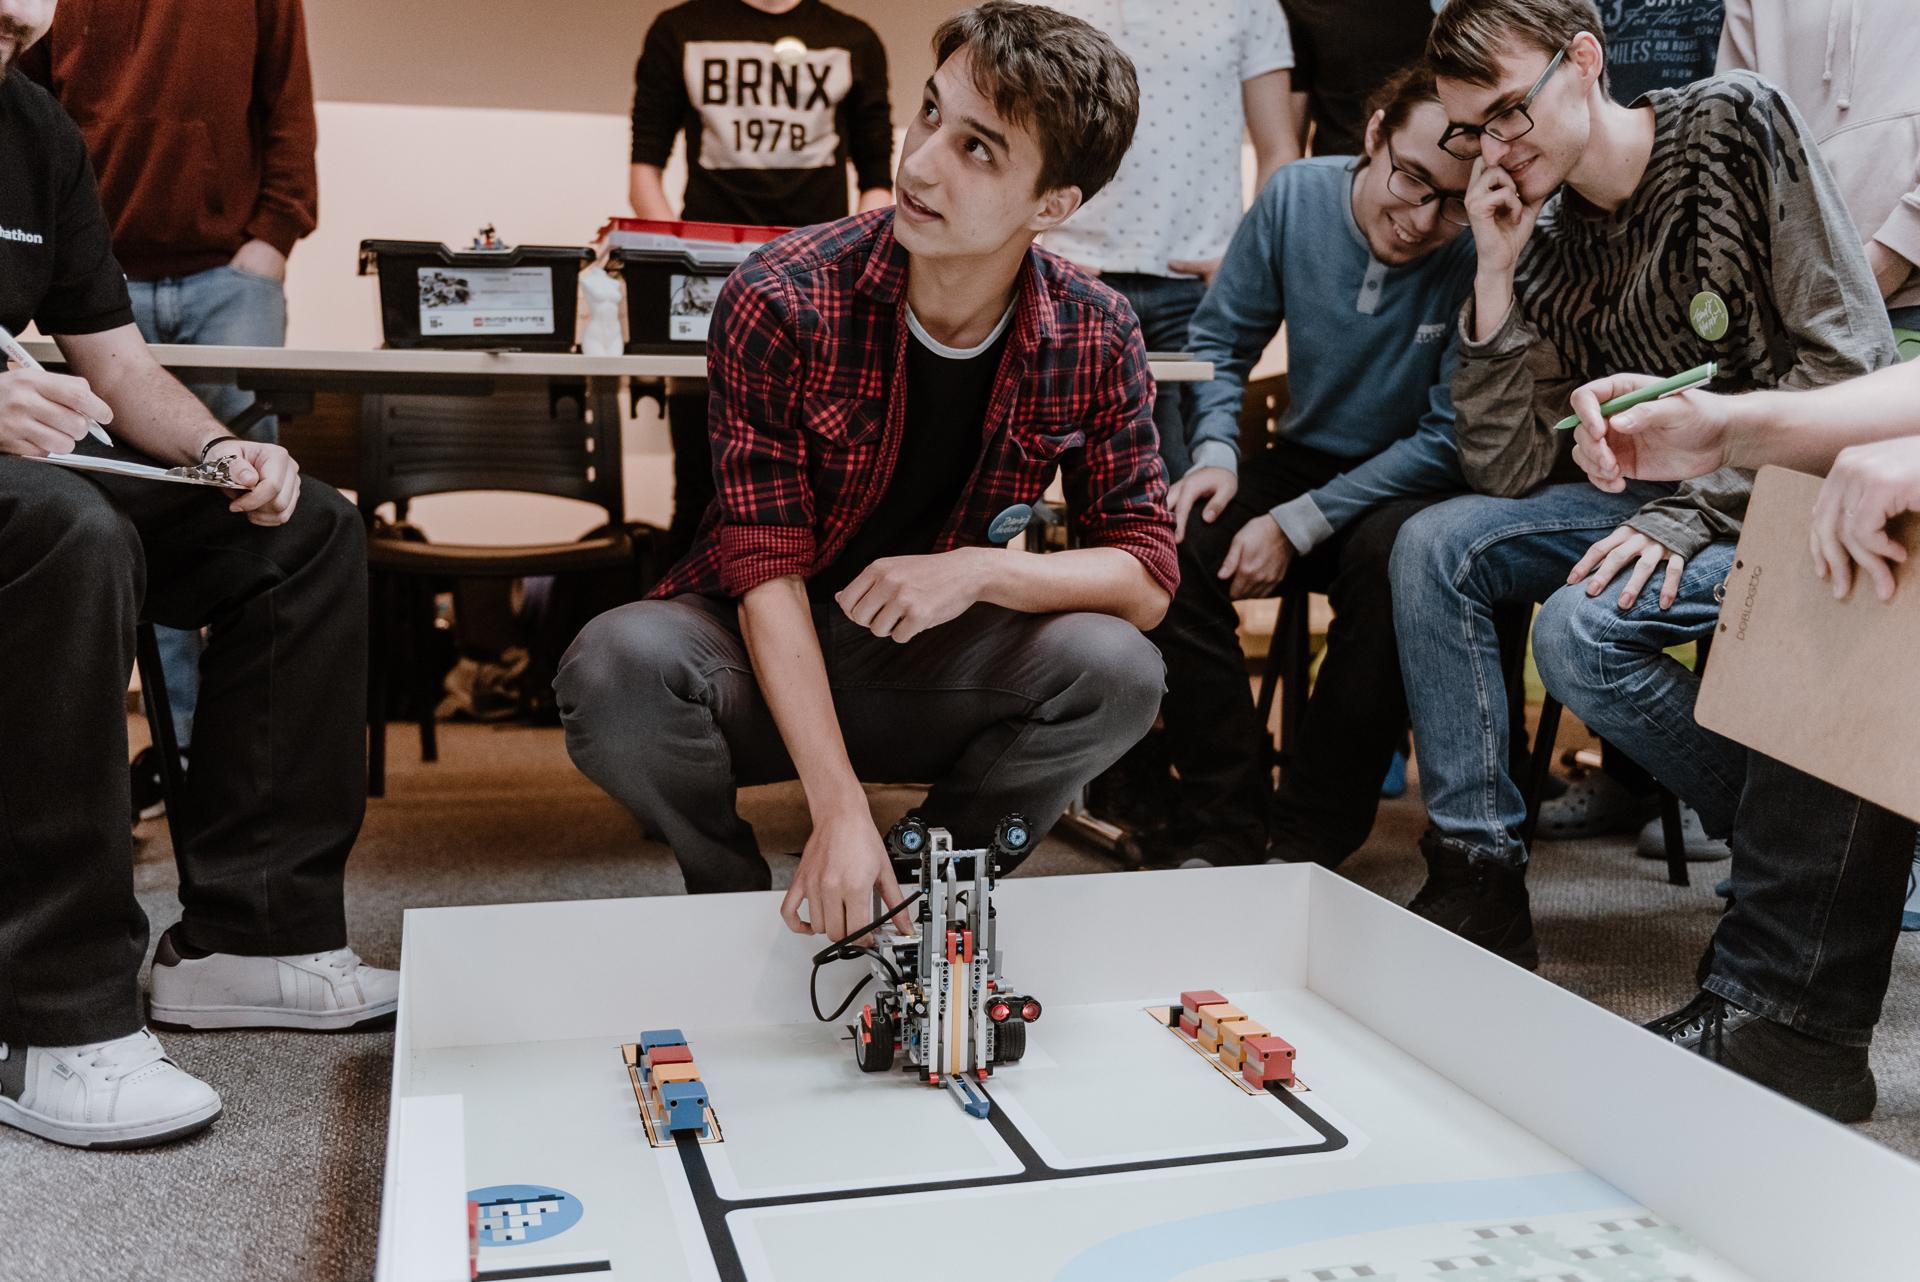 Pro studenty byla akce výjimečnou příležitostí poznat nové technologie a zároveň zkusit vytvořit unikátní řešení.